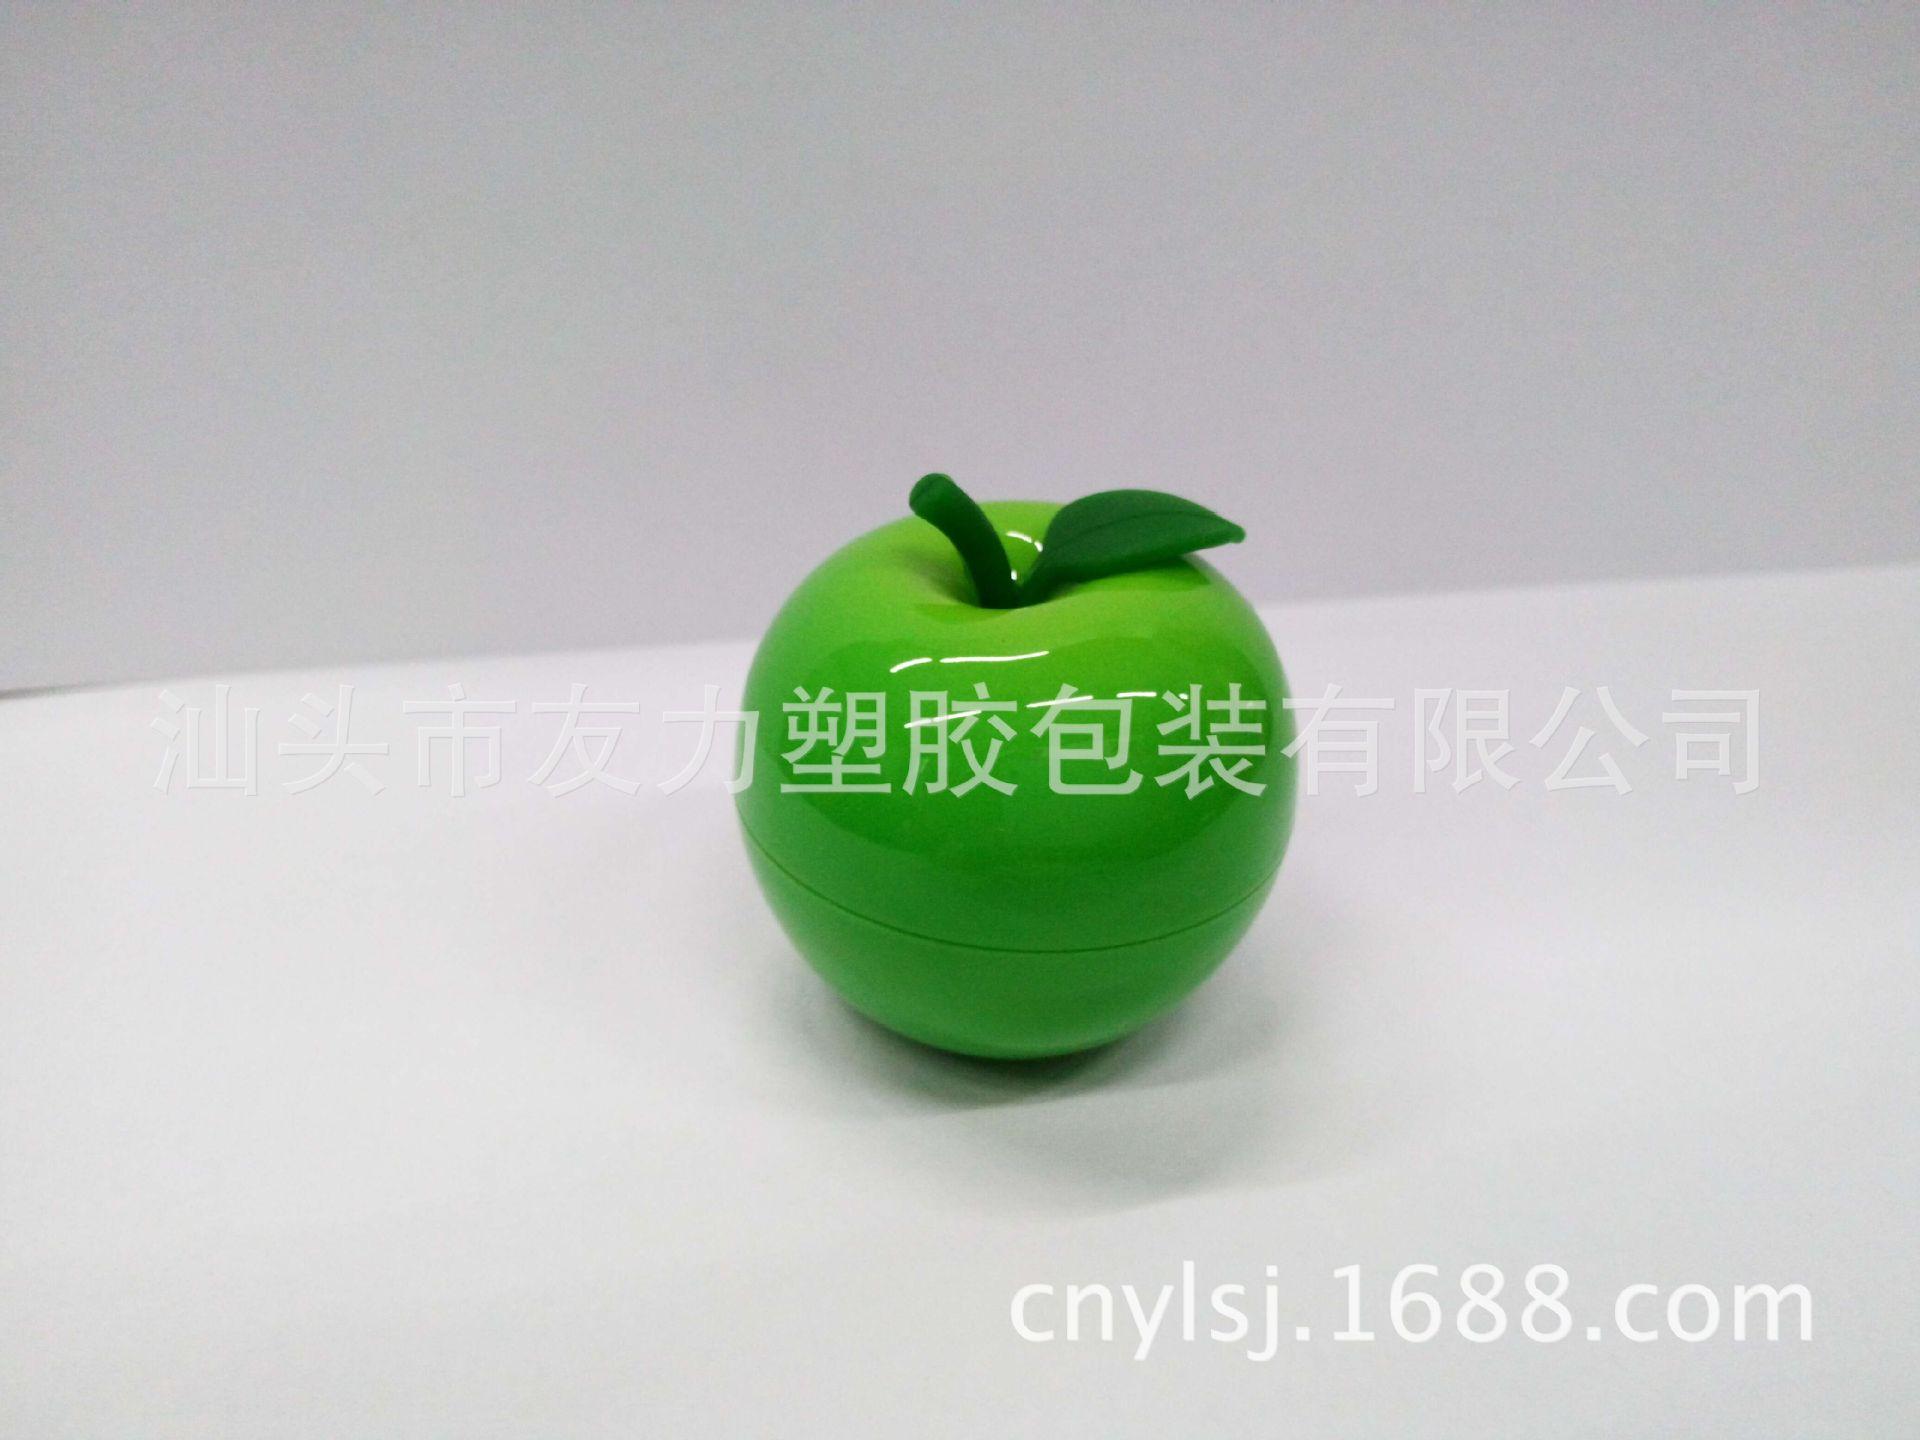 8g 水果系列小苹果瓶 面霜瓶 护肤品 膏霜瓶 产品优供 厂家直销